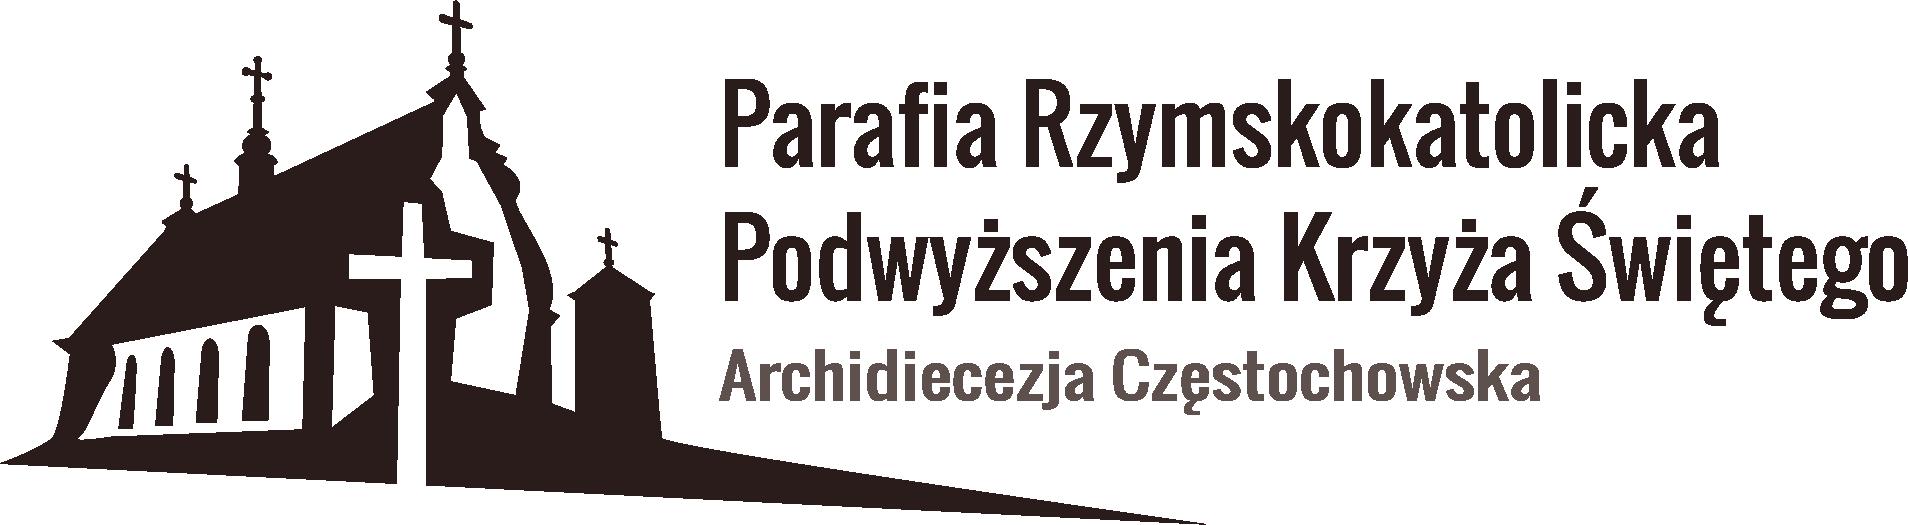 Parafia Podwyższenia Krzyża Świętego   |   Designed by Lasko&Tomanko